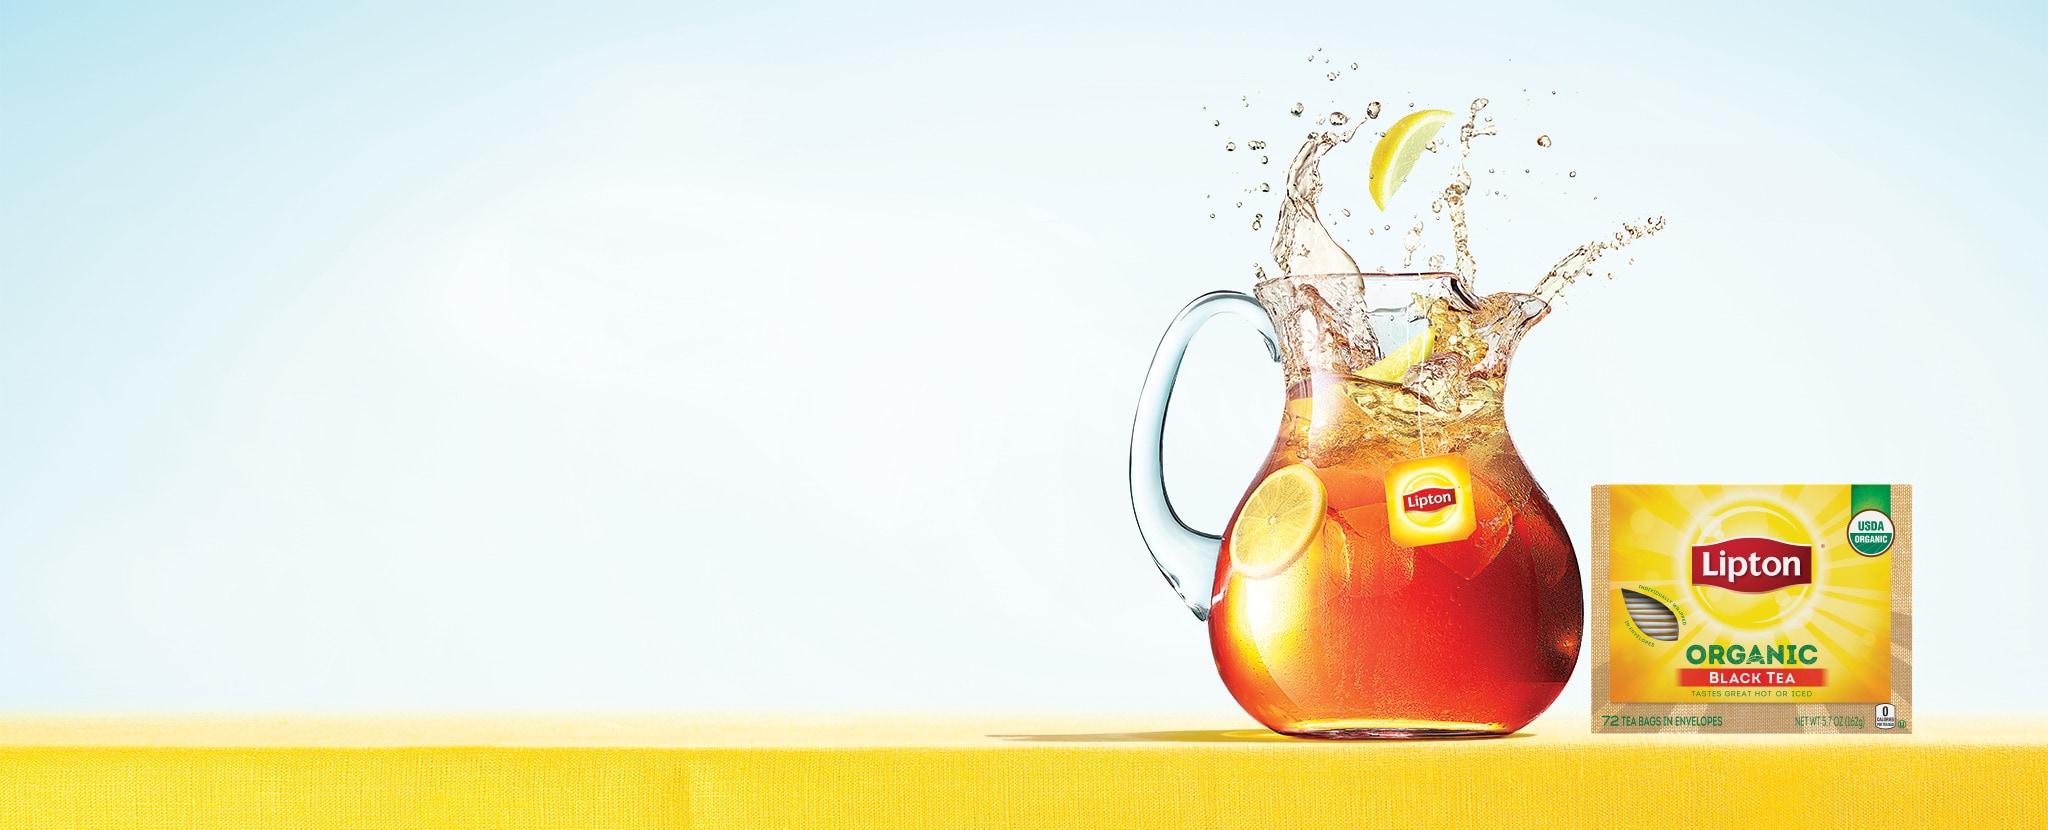 how to make lipton hot tea